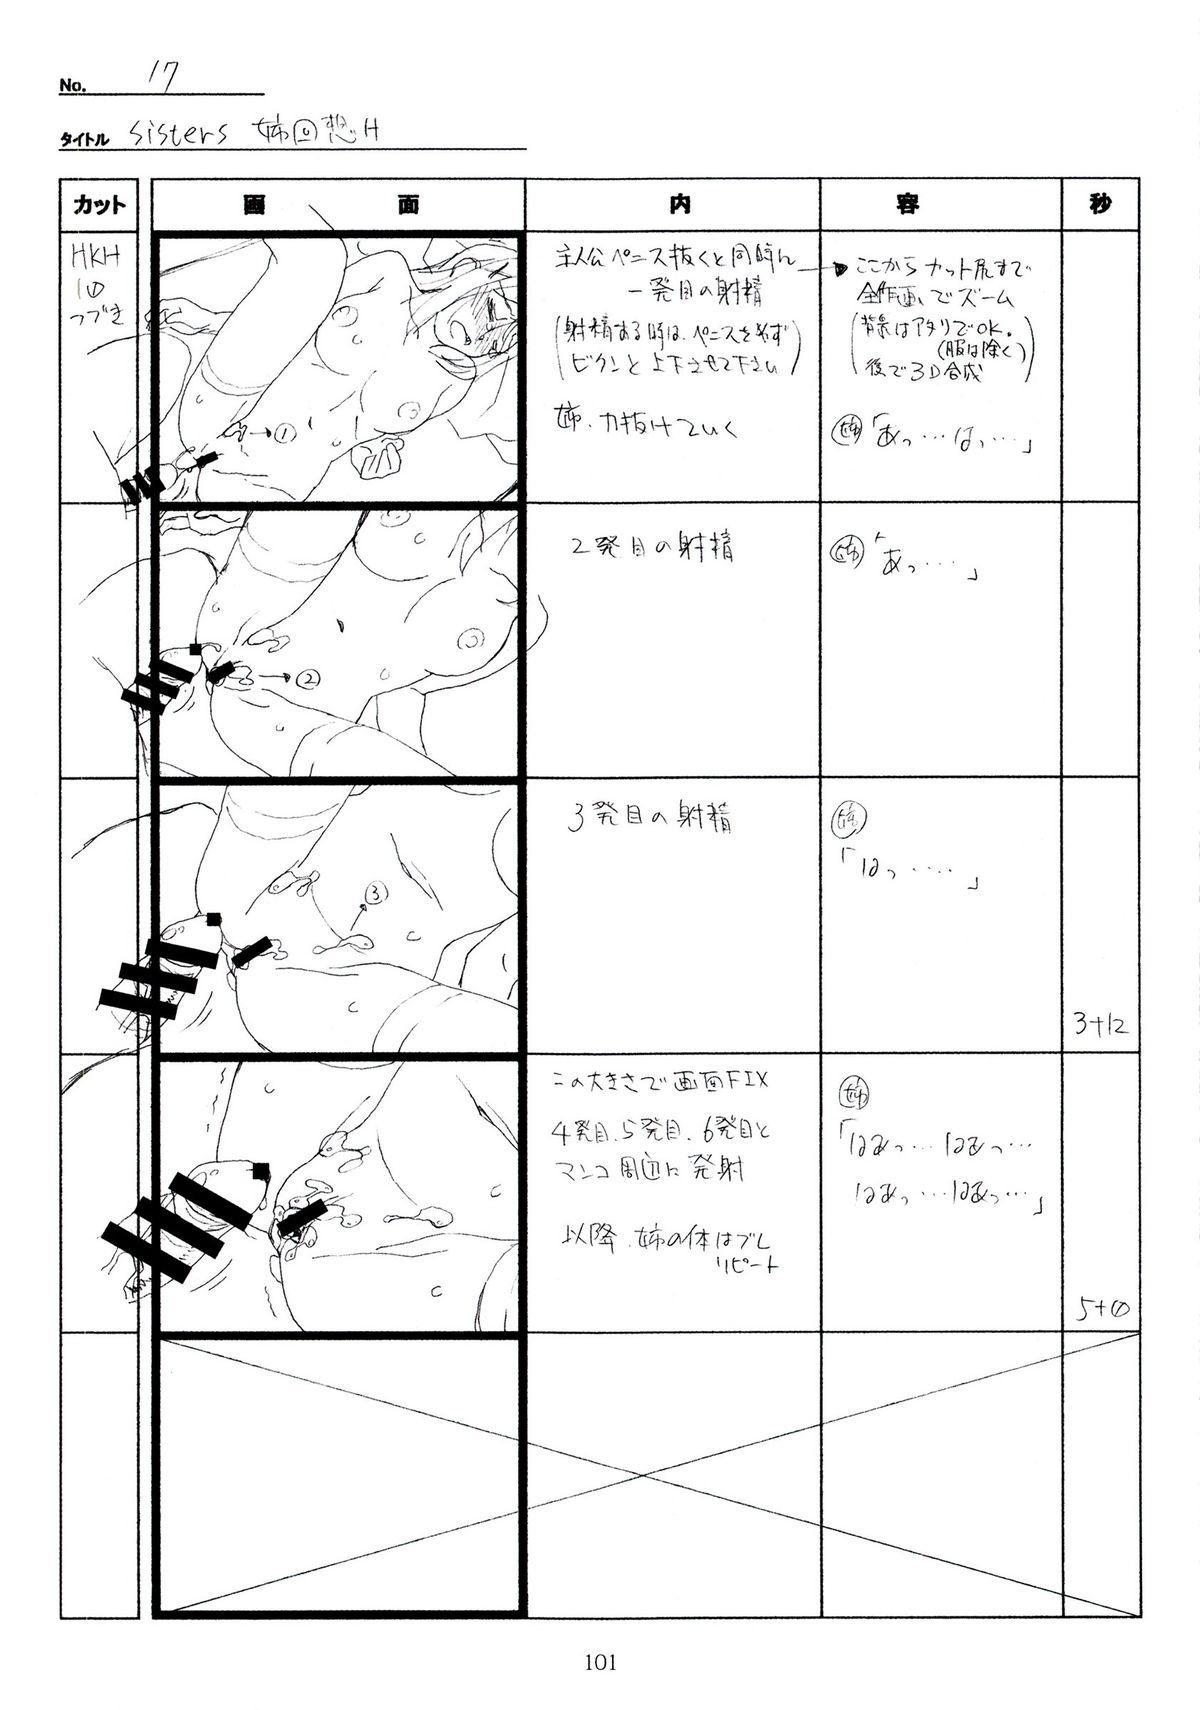 (C89) [Makino Jimusho (Taki Minashika)] SISTERS -Natsu no Saigo no Hi- H Scene All Part Storyboard (SISTERS -Natsu no Saigo no Hi-) 100